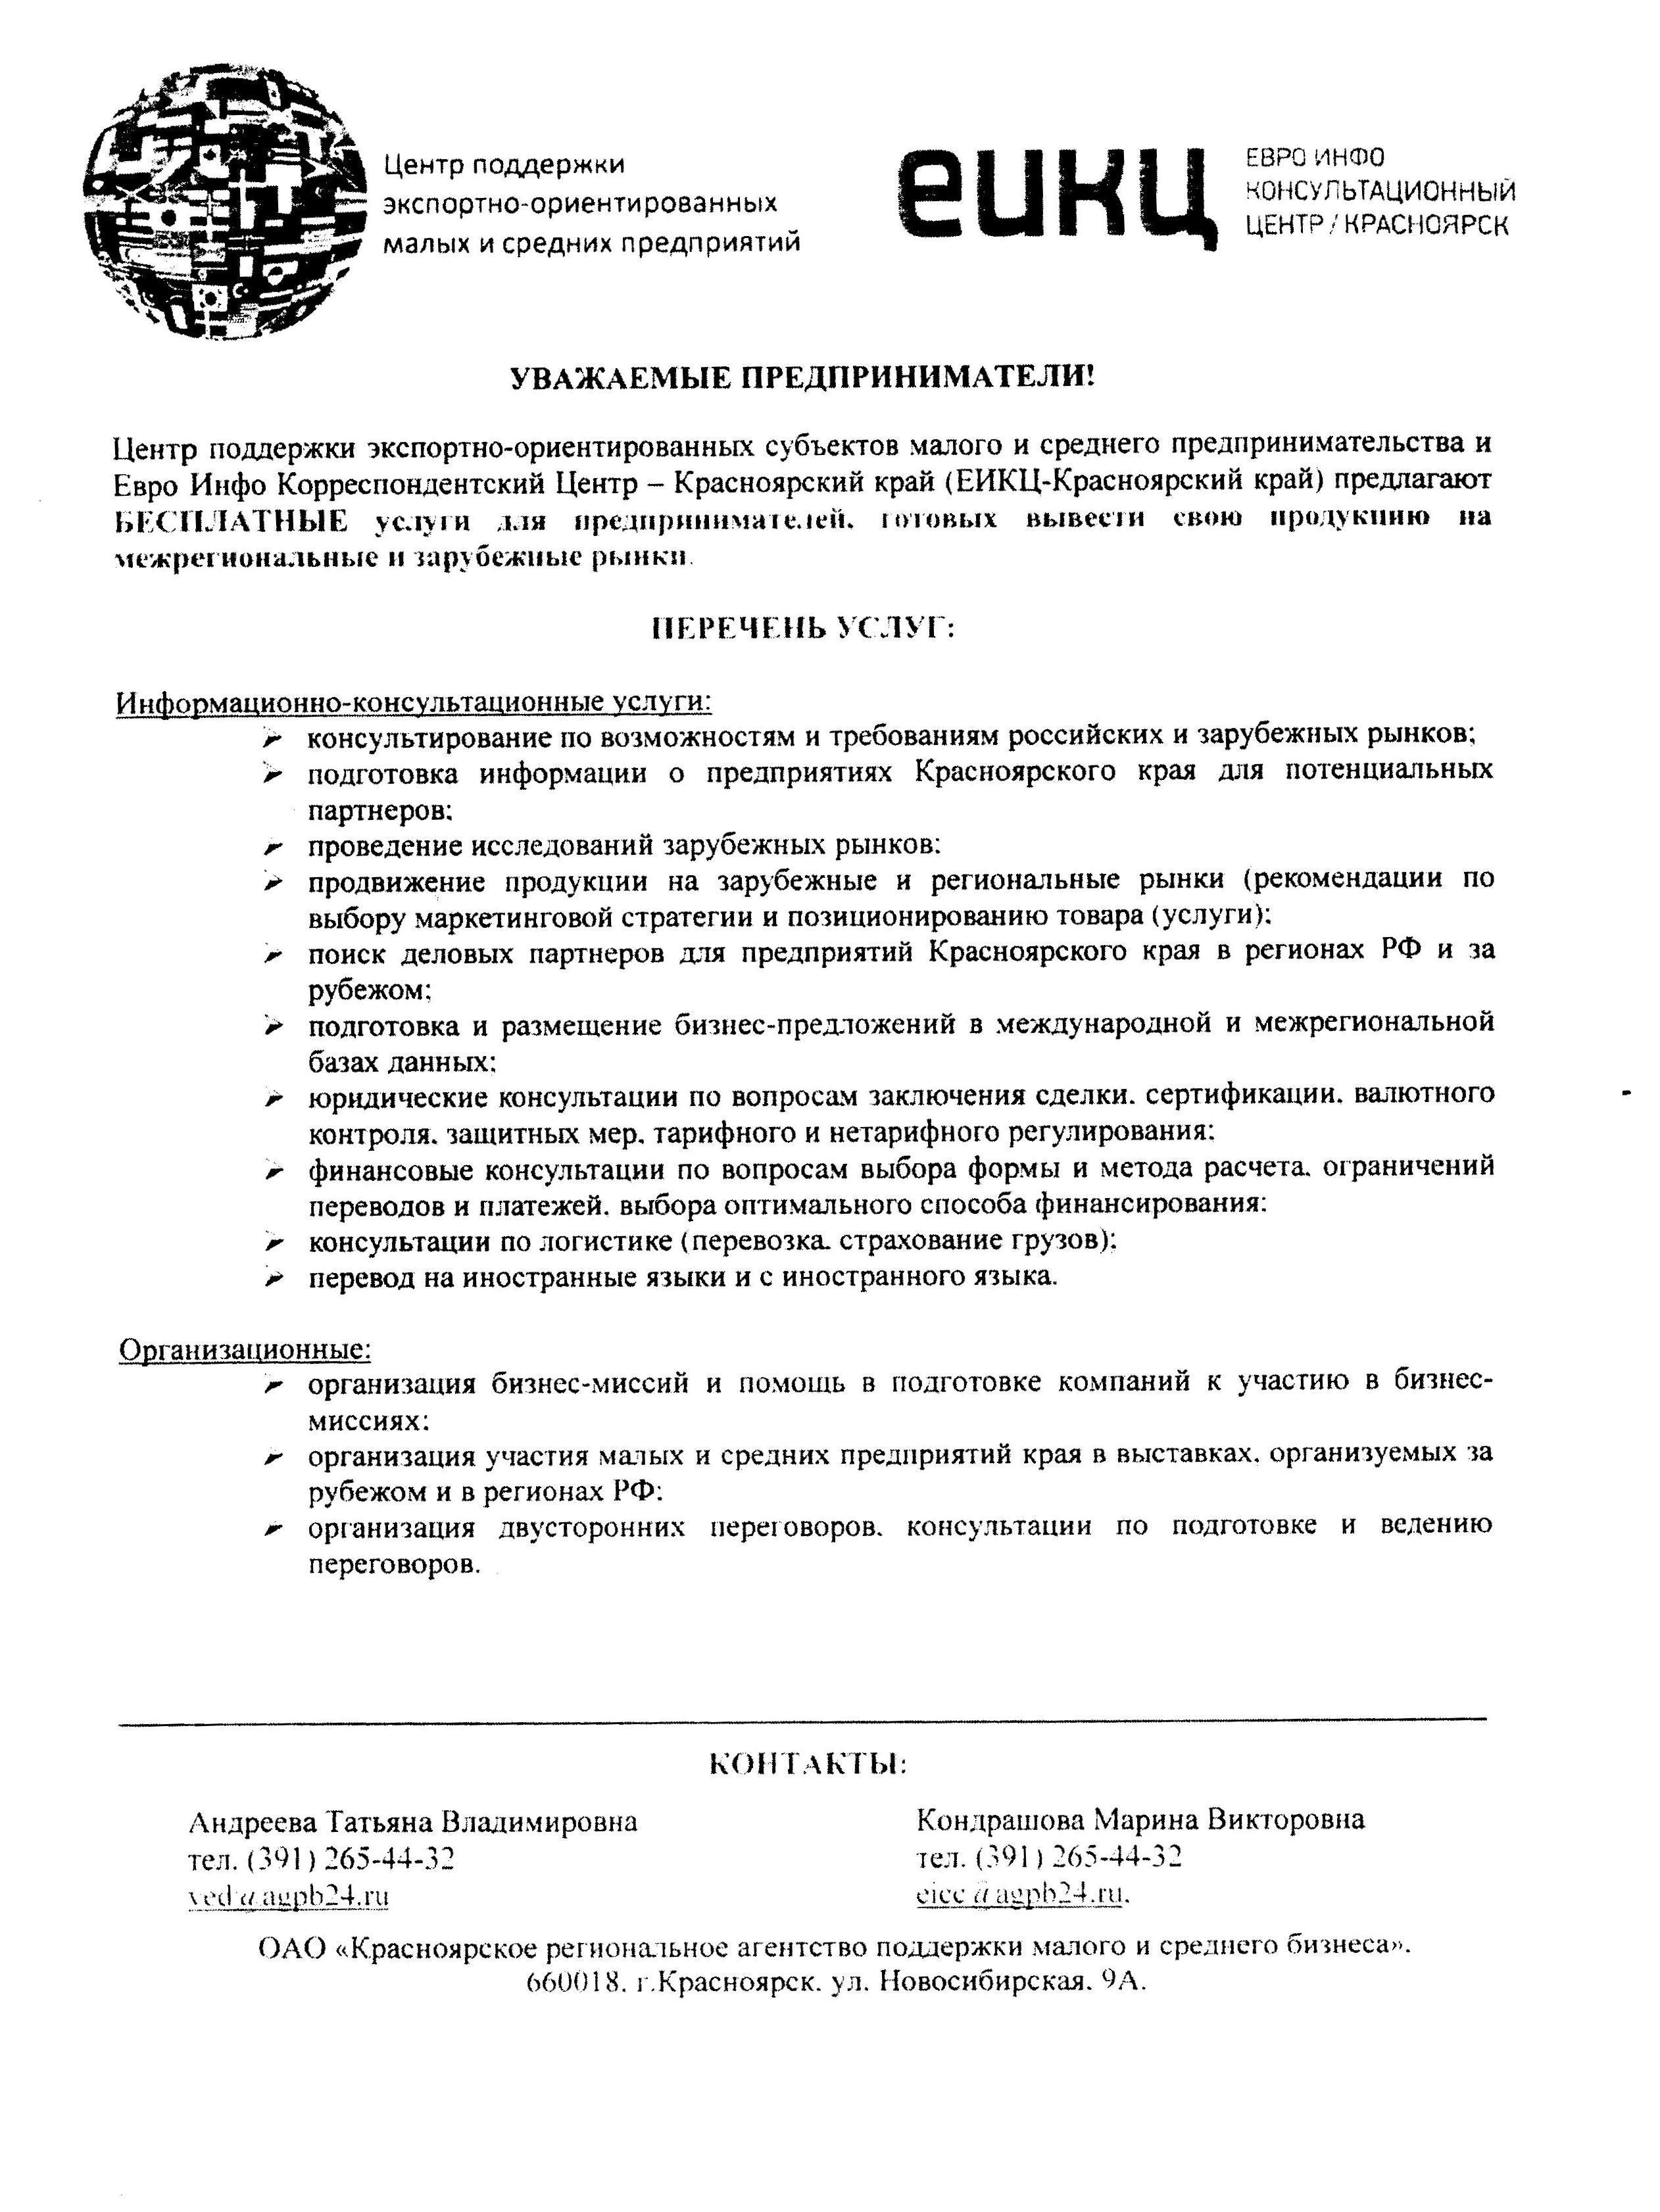 бланк заявления о закрытии банковского счета в пфр 2013